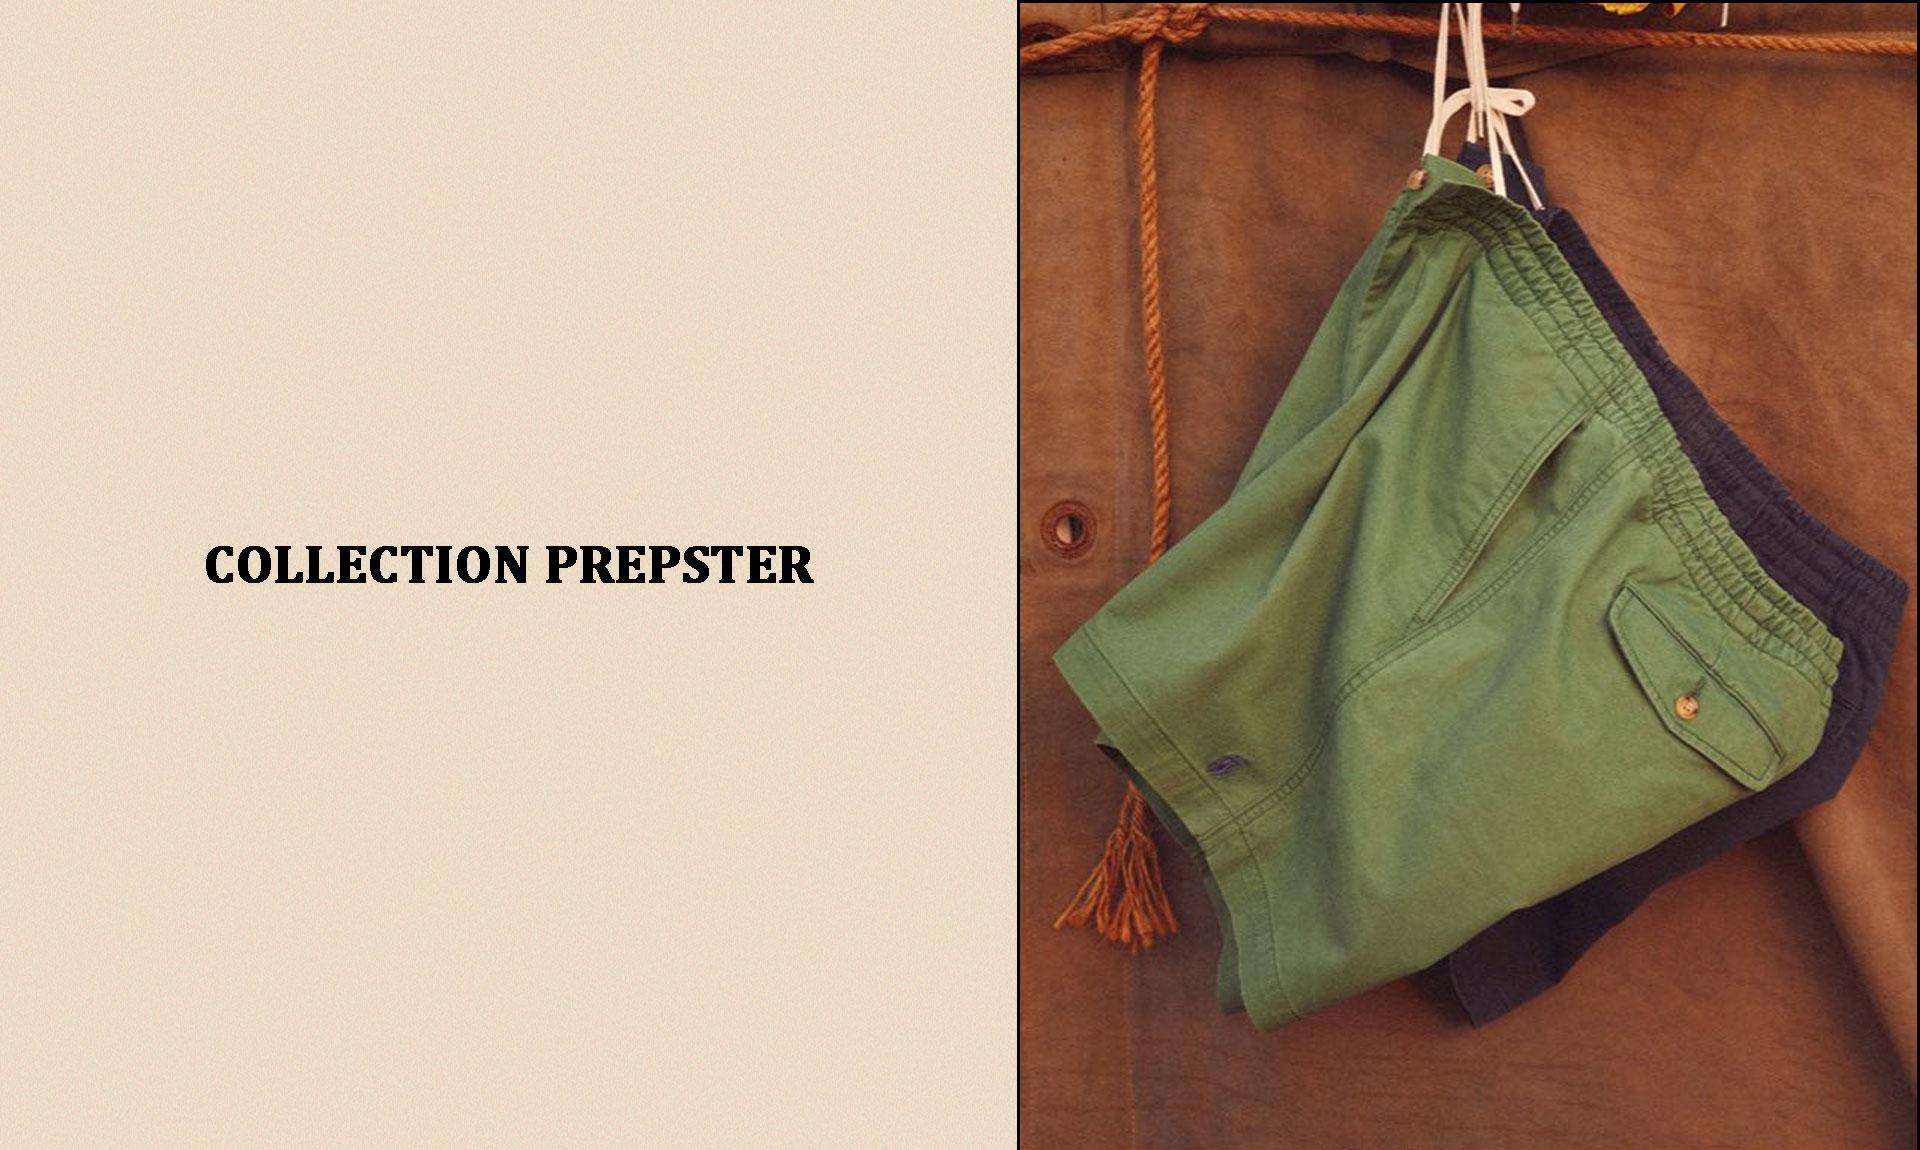 Collection-Prepster-pantalon-et-short-taille-elastique-homme-ralph-lauren